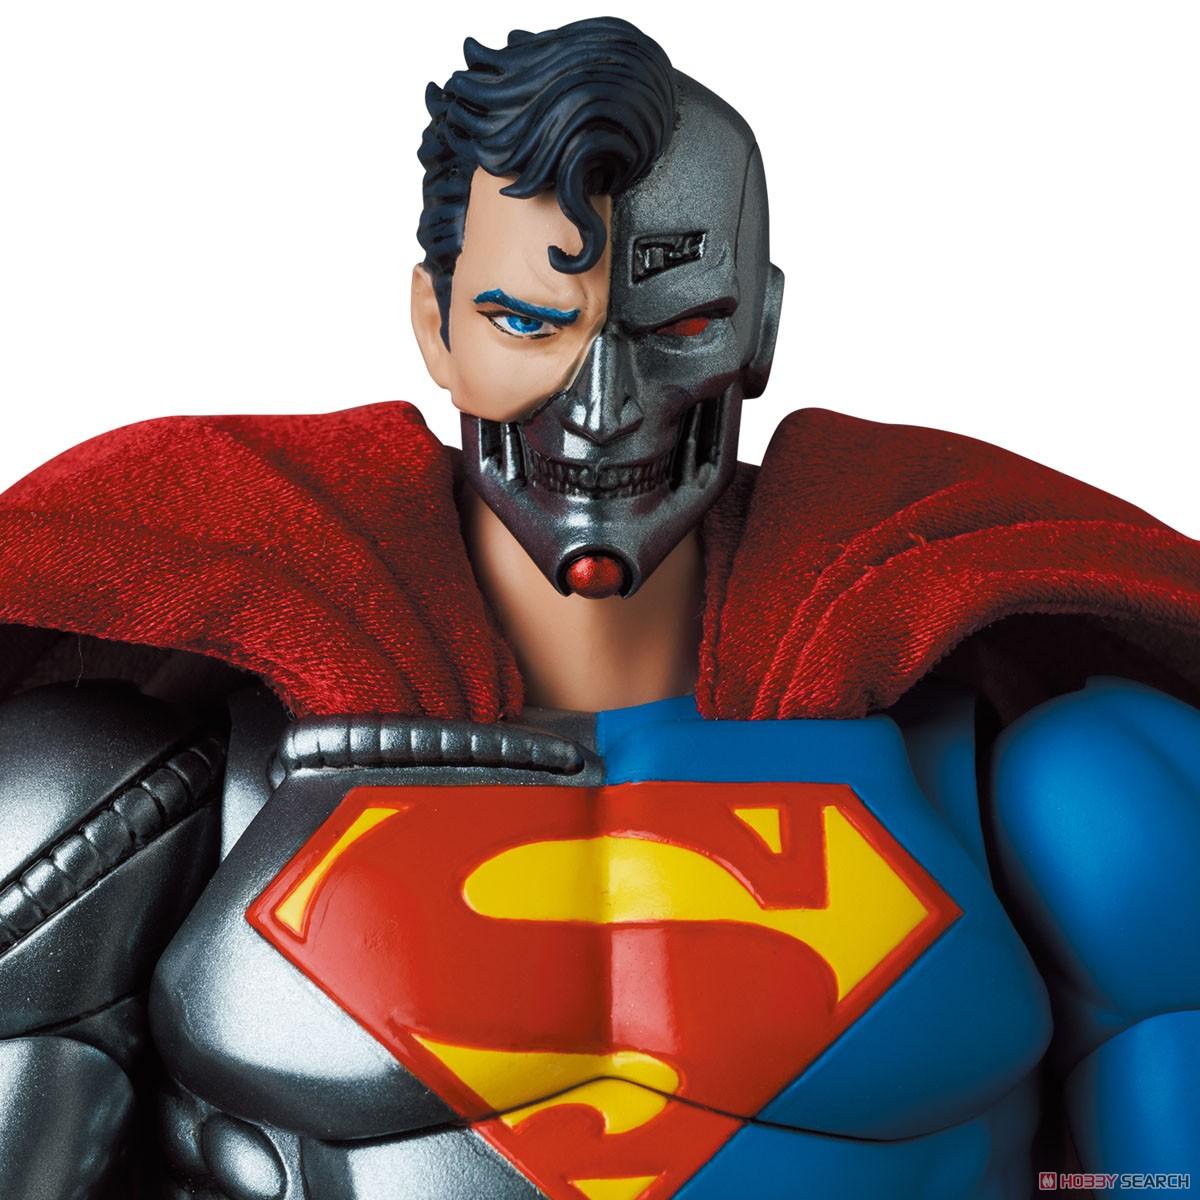 マフェックス No.164 MAFEX『サイボーグ スーパーマン/CYBORG SUPERMAN(RETURN OF SUPERMAN)』リターン・オブ・スーパーマン 可動フィギュア-006